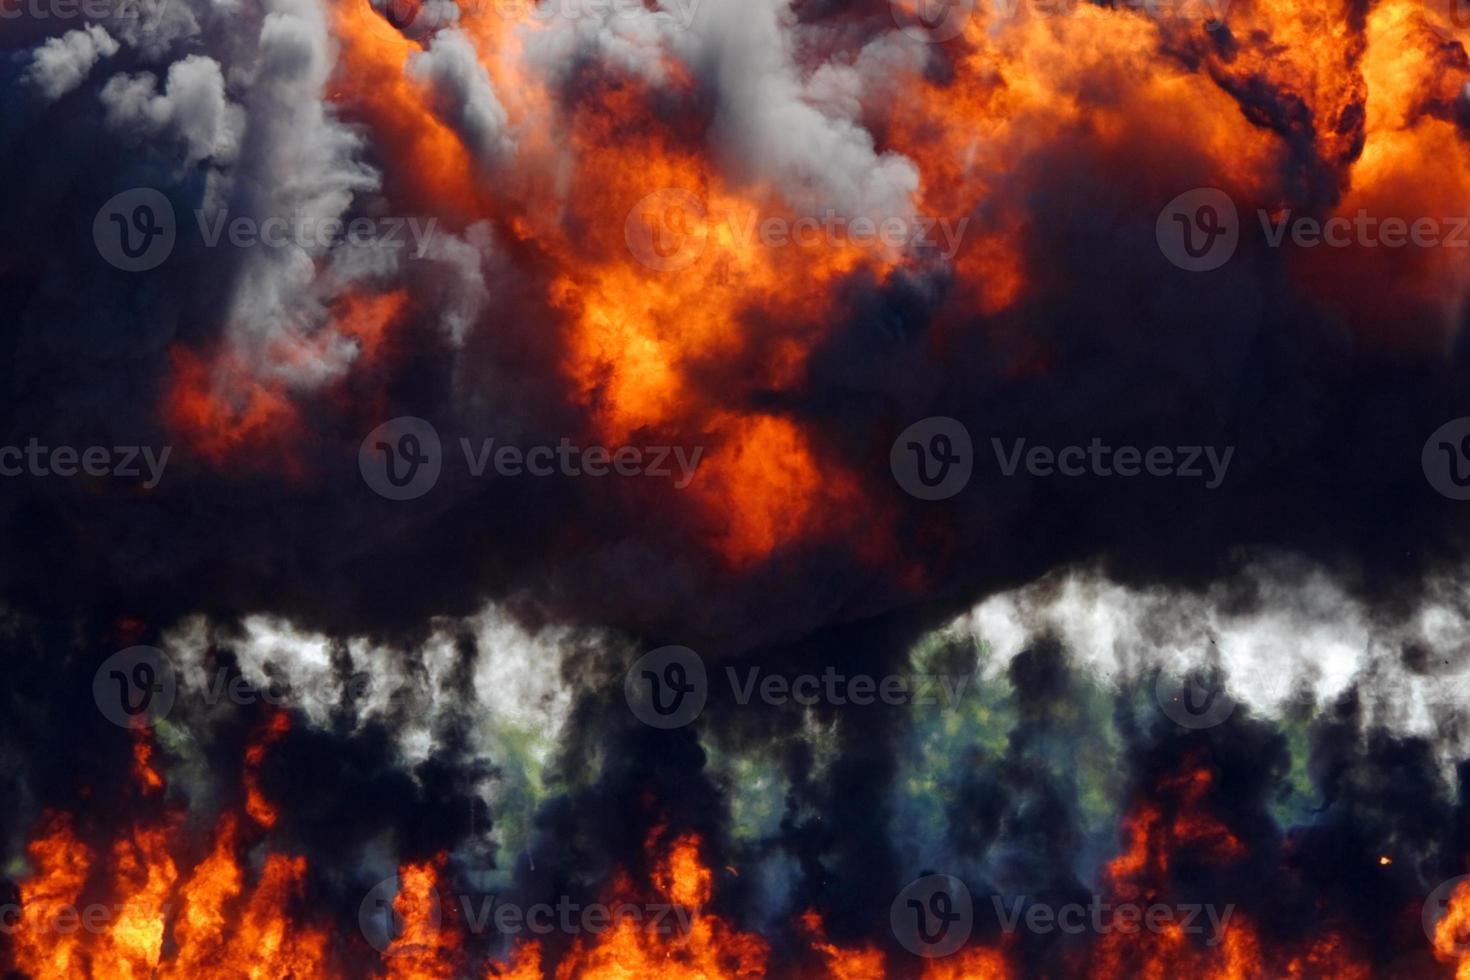 dikke zwarte rook die opstijgt uit een vlammende explosie foto